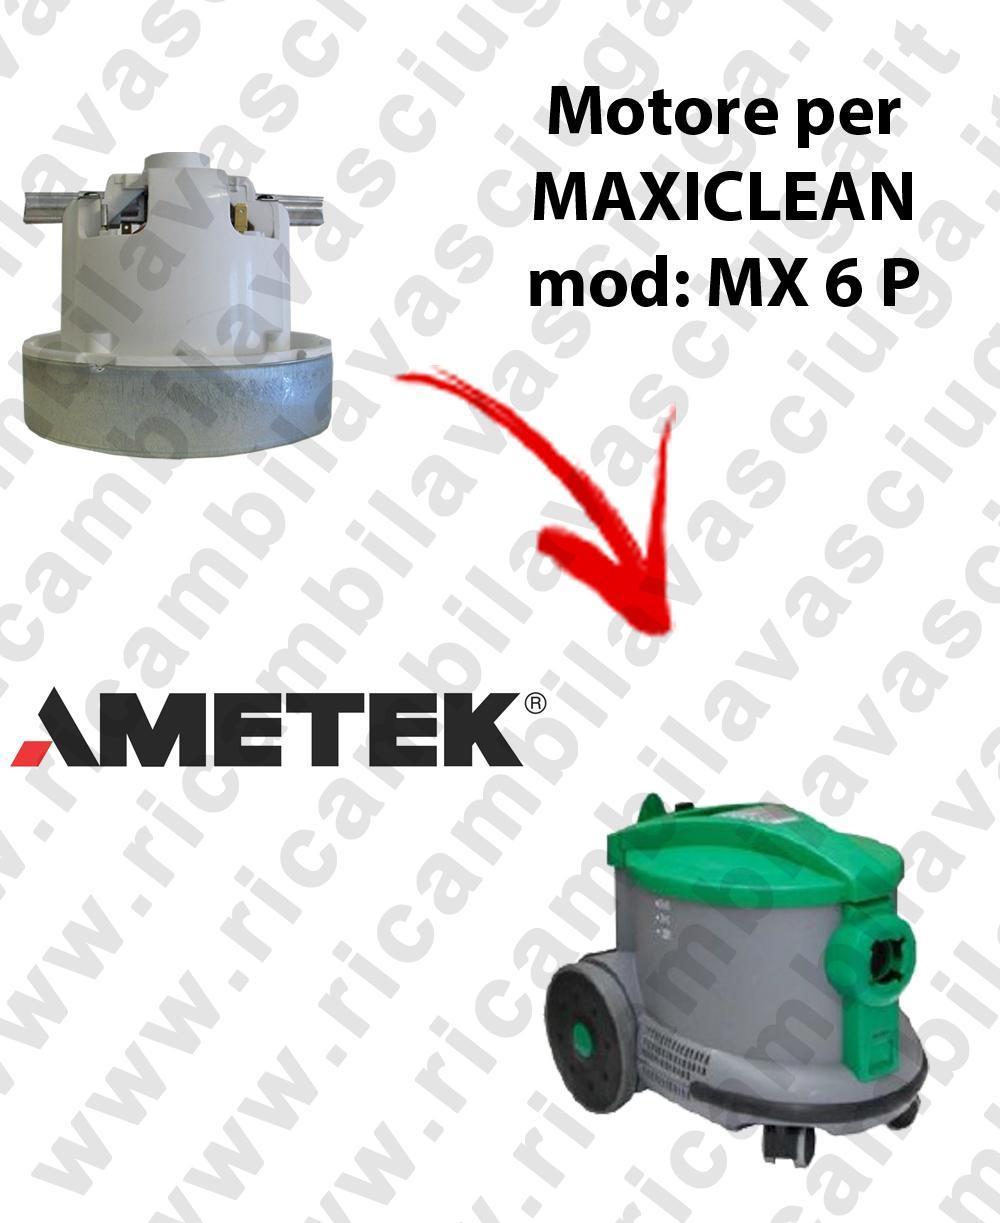 MX 6 P Motore de aspiración AMETEK para aspiradora MAXICLEAN